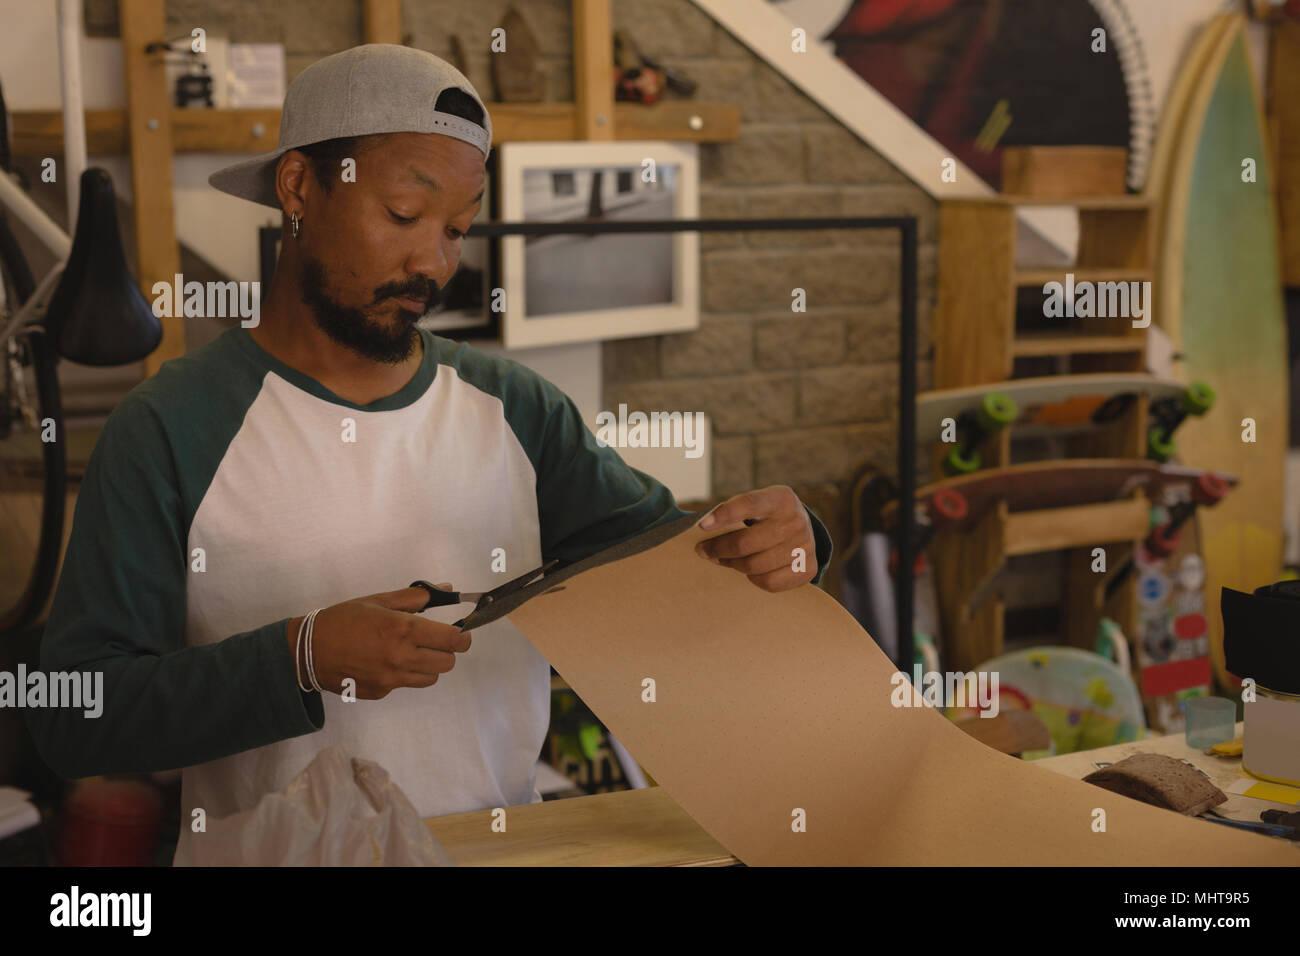 Uomo taglio carta cartone Immagini Stock